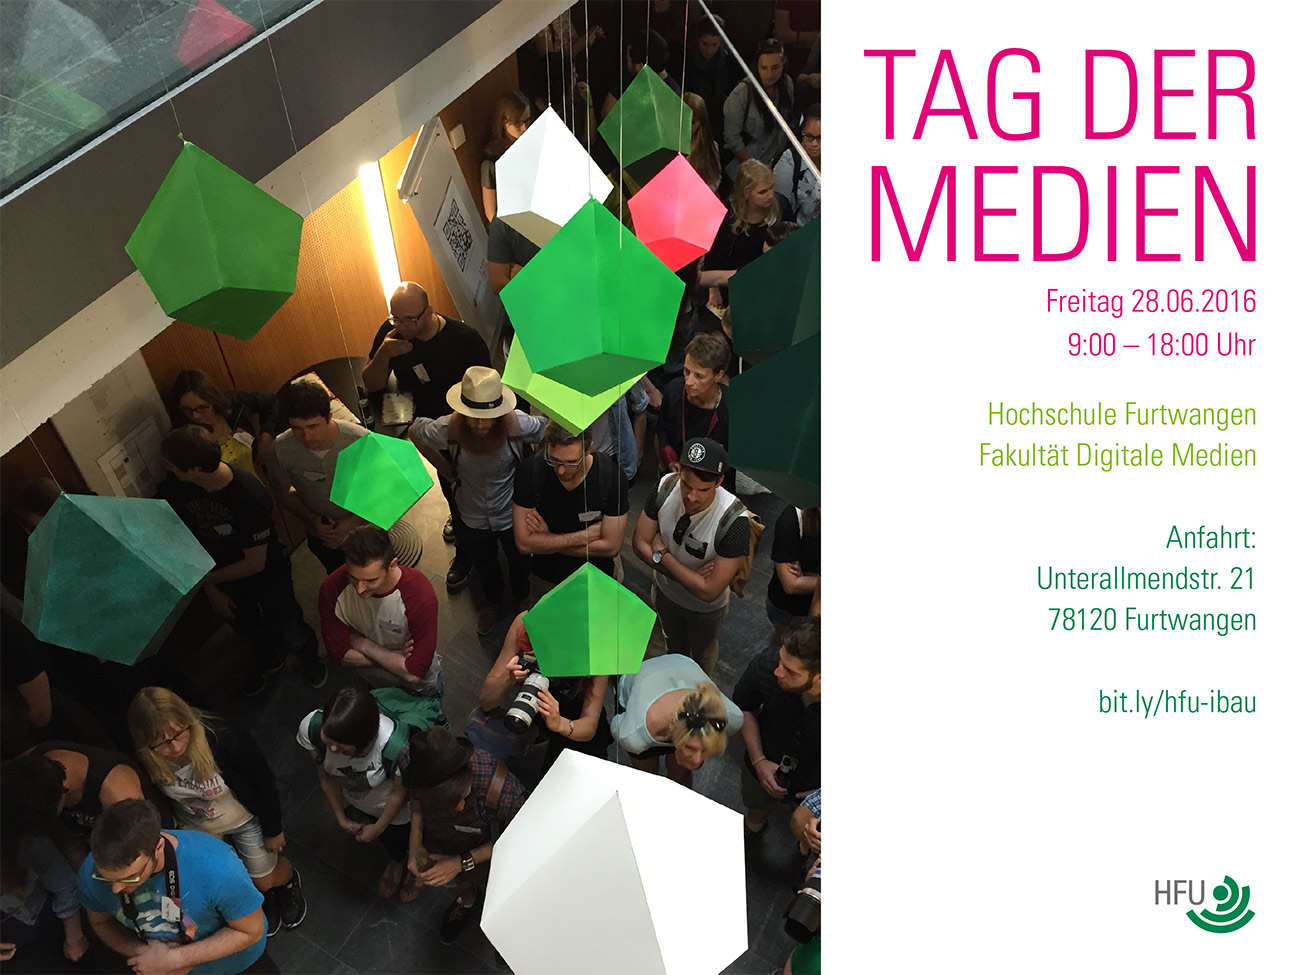 Tag-der-Medien-Fakultaet-Digitale-Medien-HFU